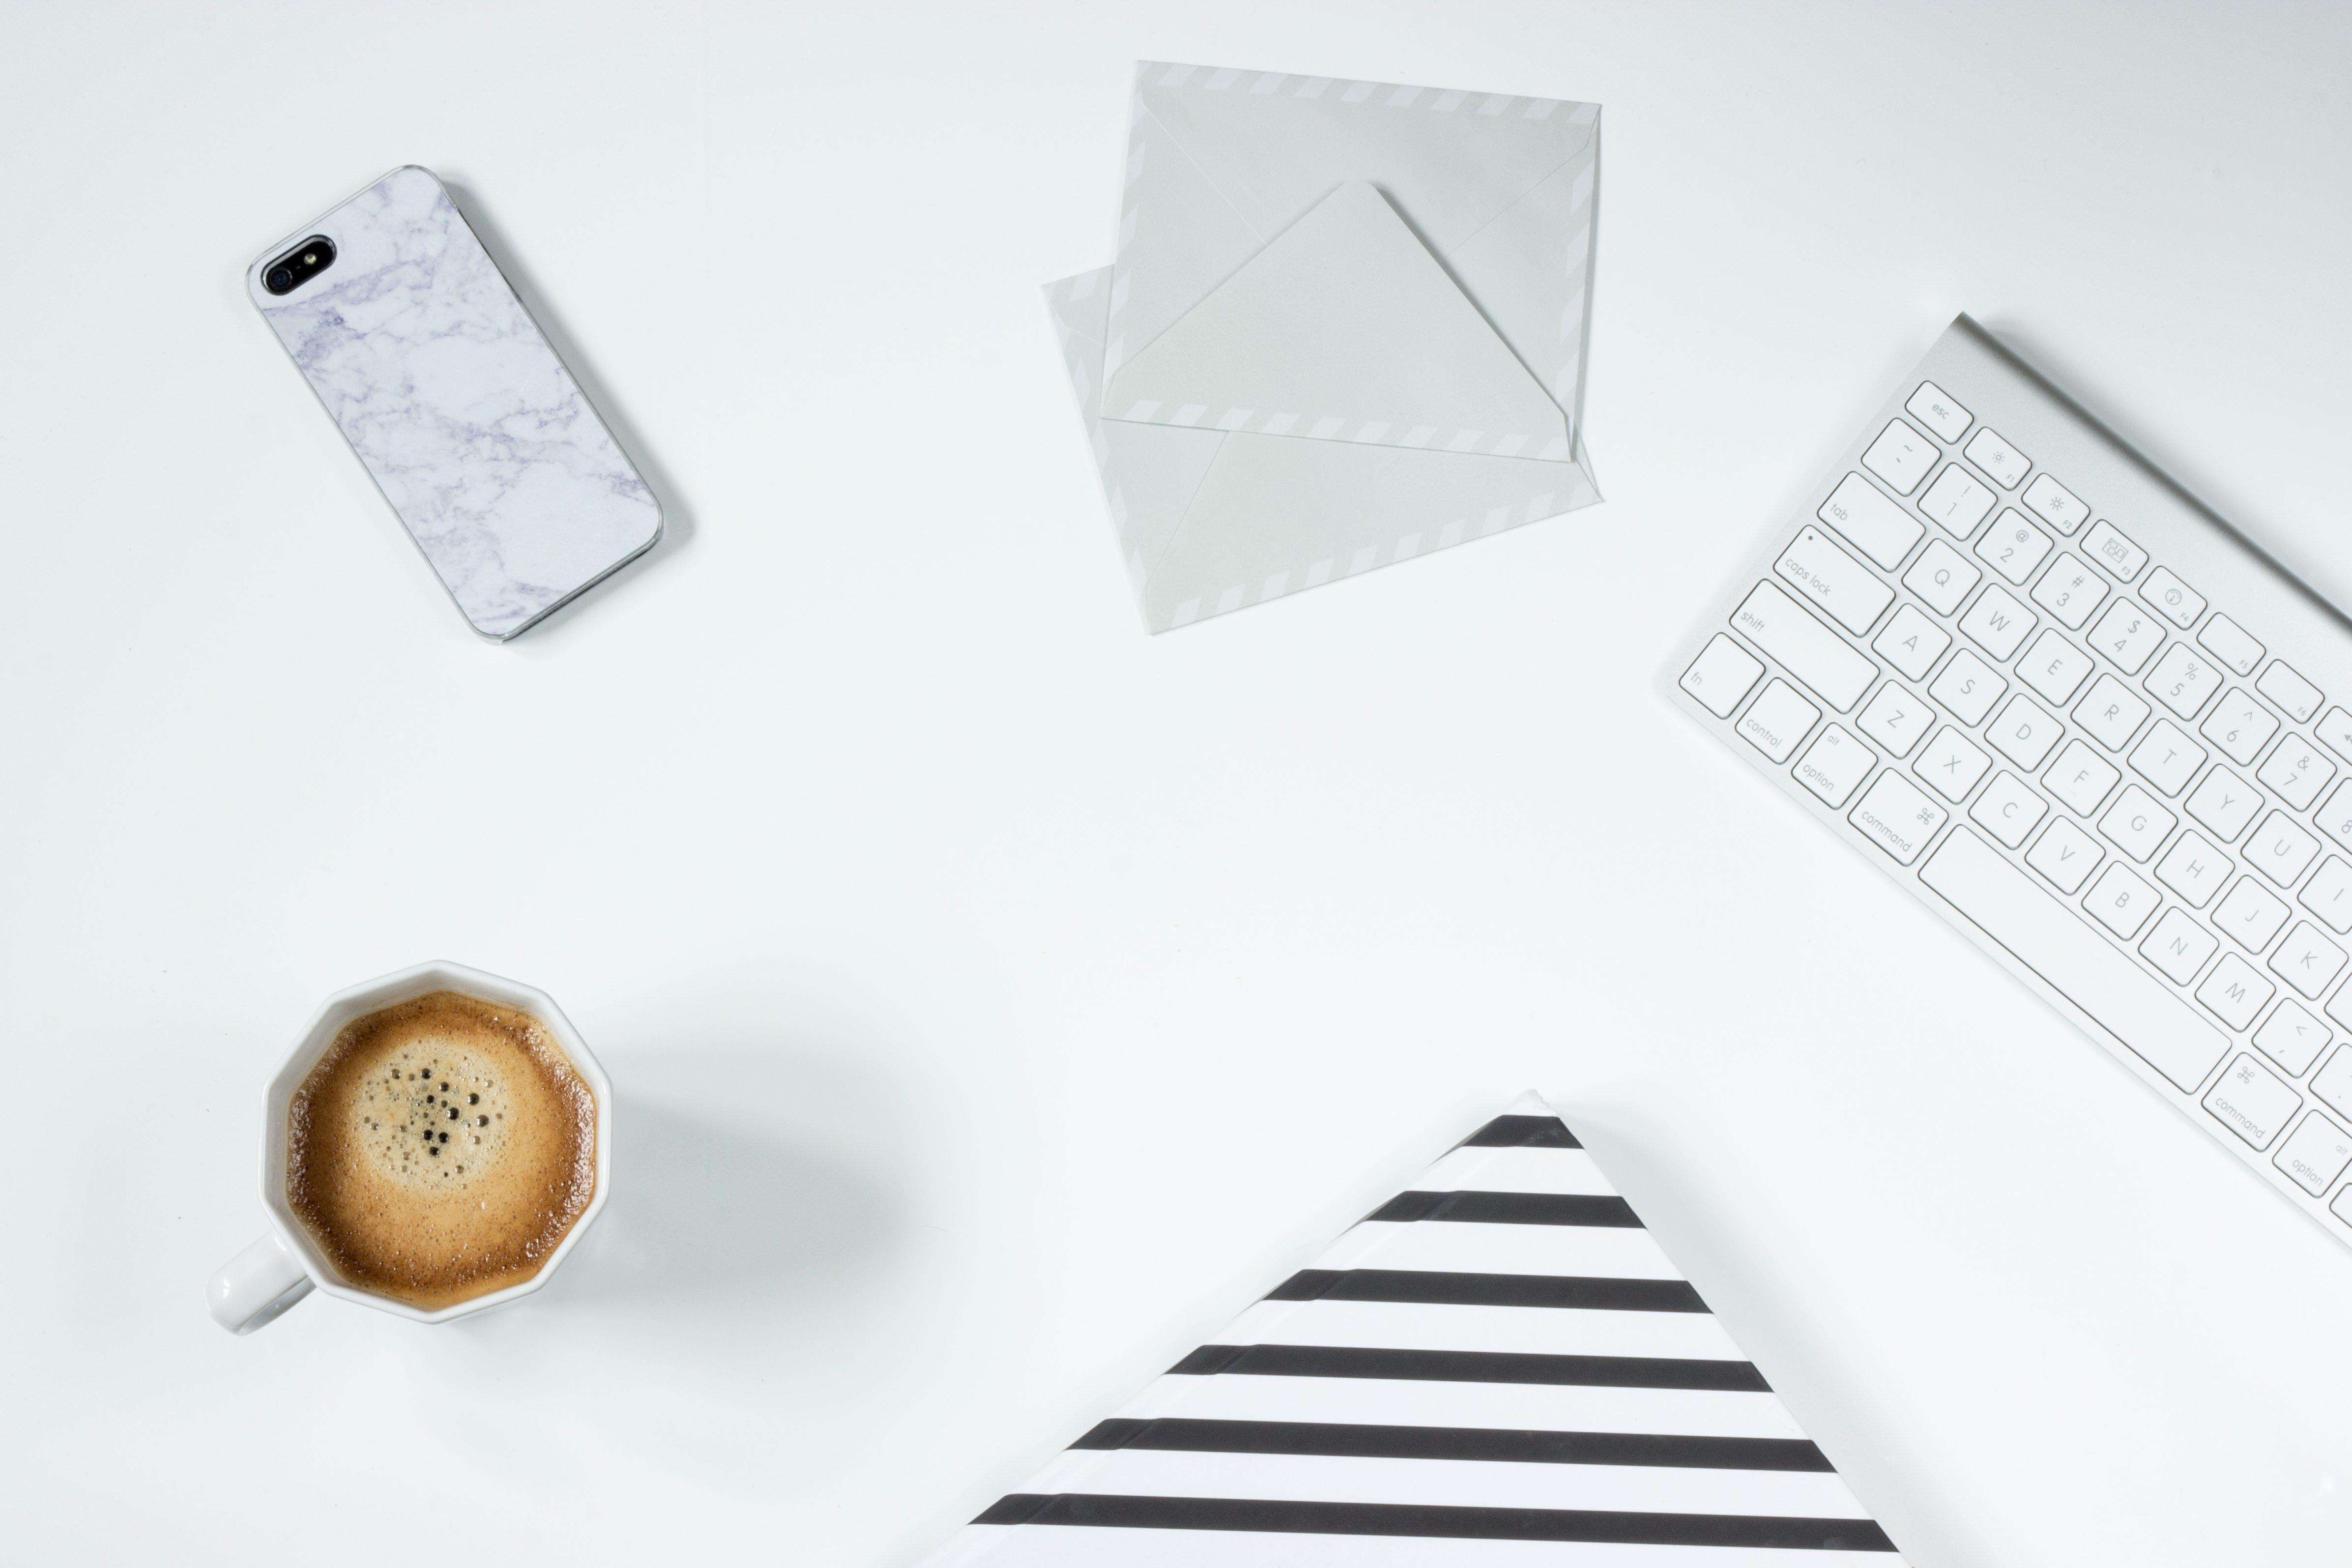 ホワイト企業と判断する12個の特徴